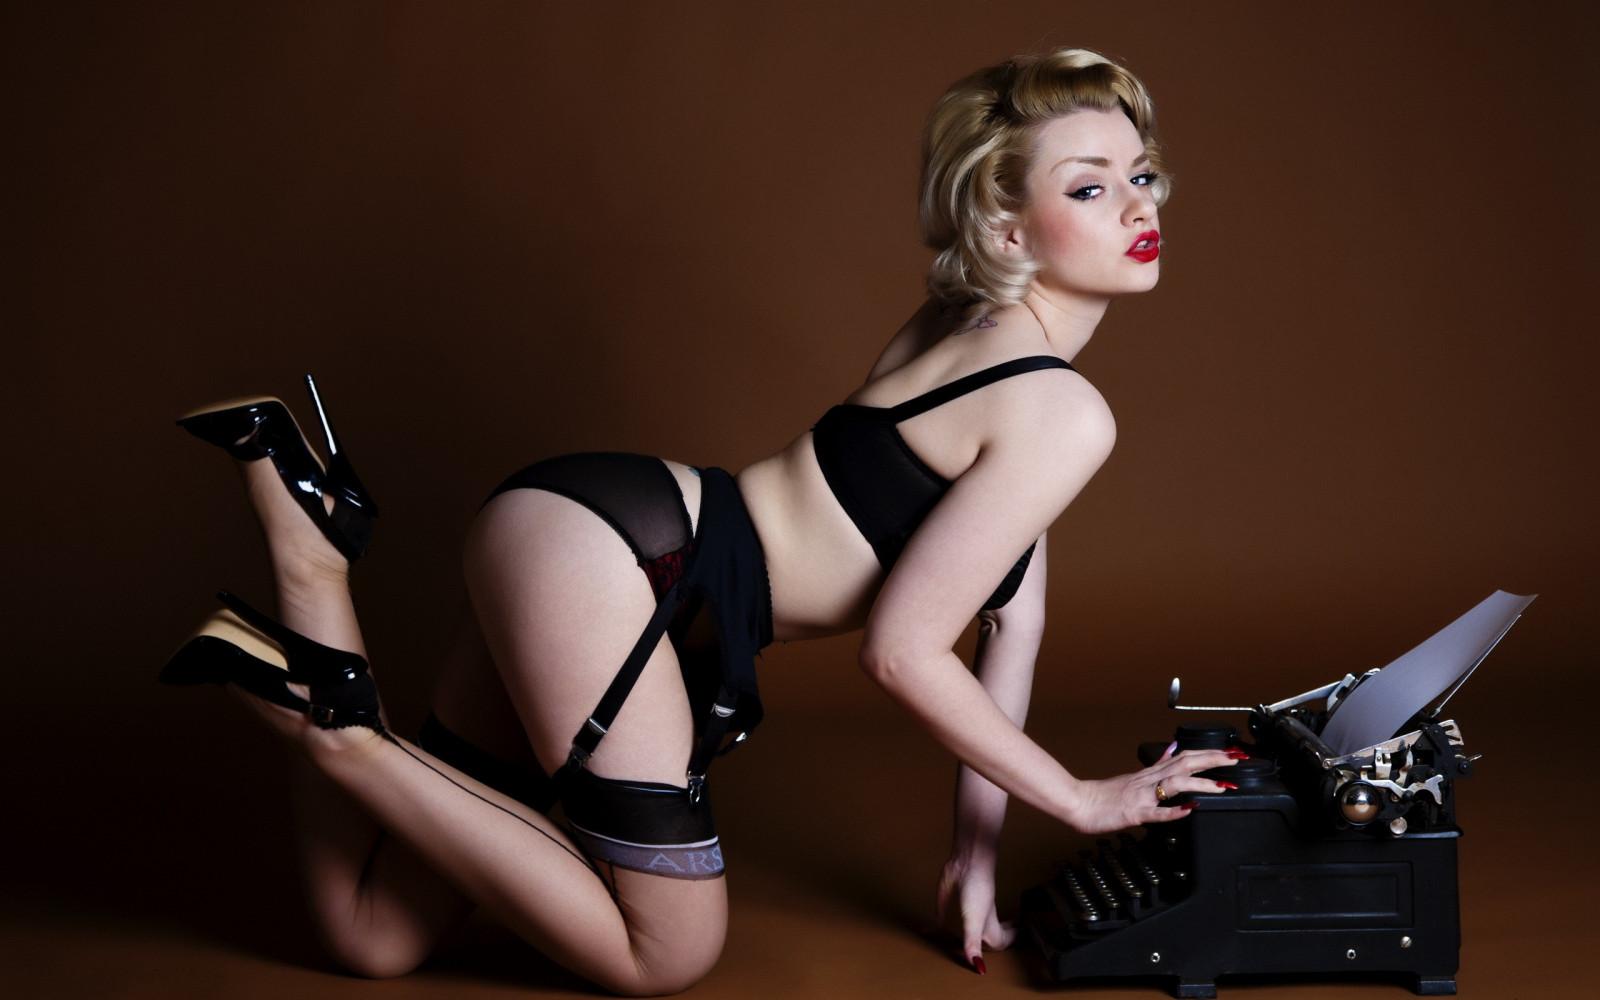 Сада маза бесплатно секс, Садо-мазо - бесплатное порно онлайн, смотреть видео 10 фотография